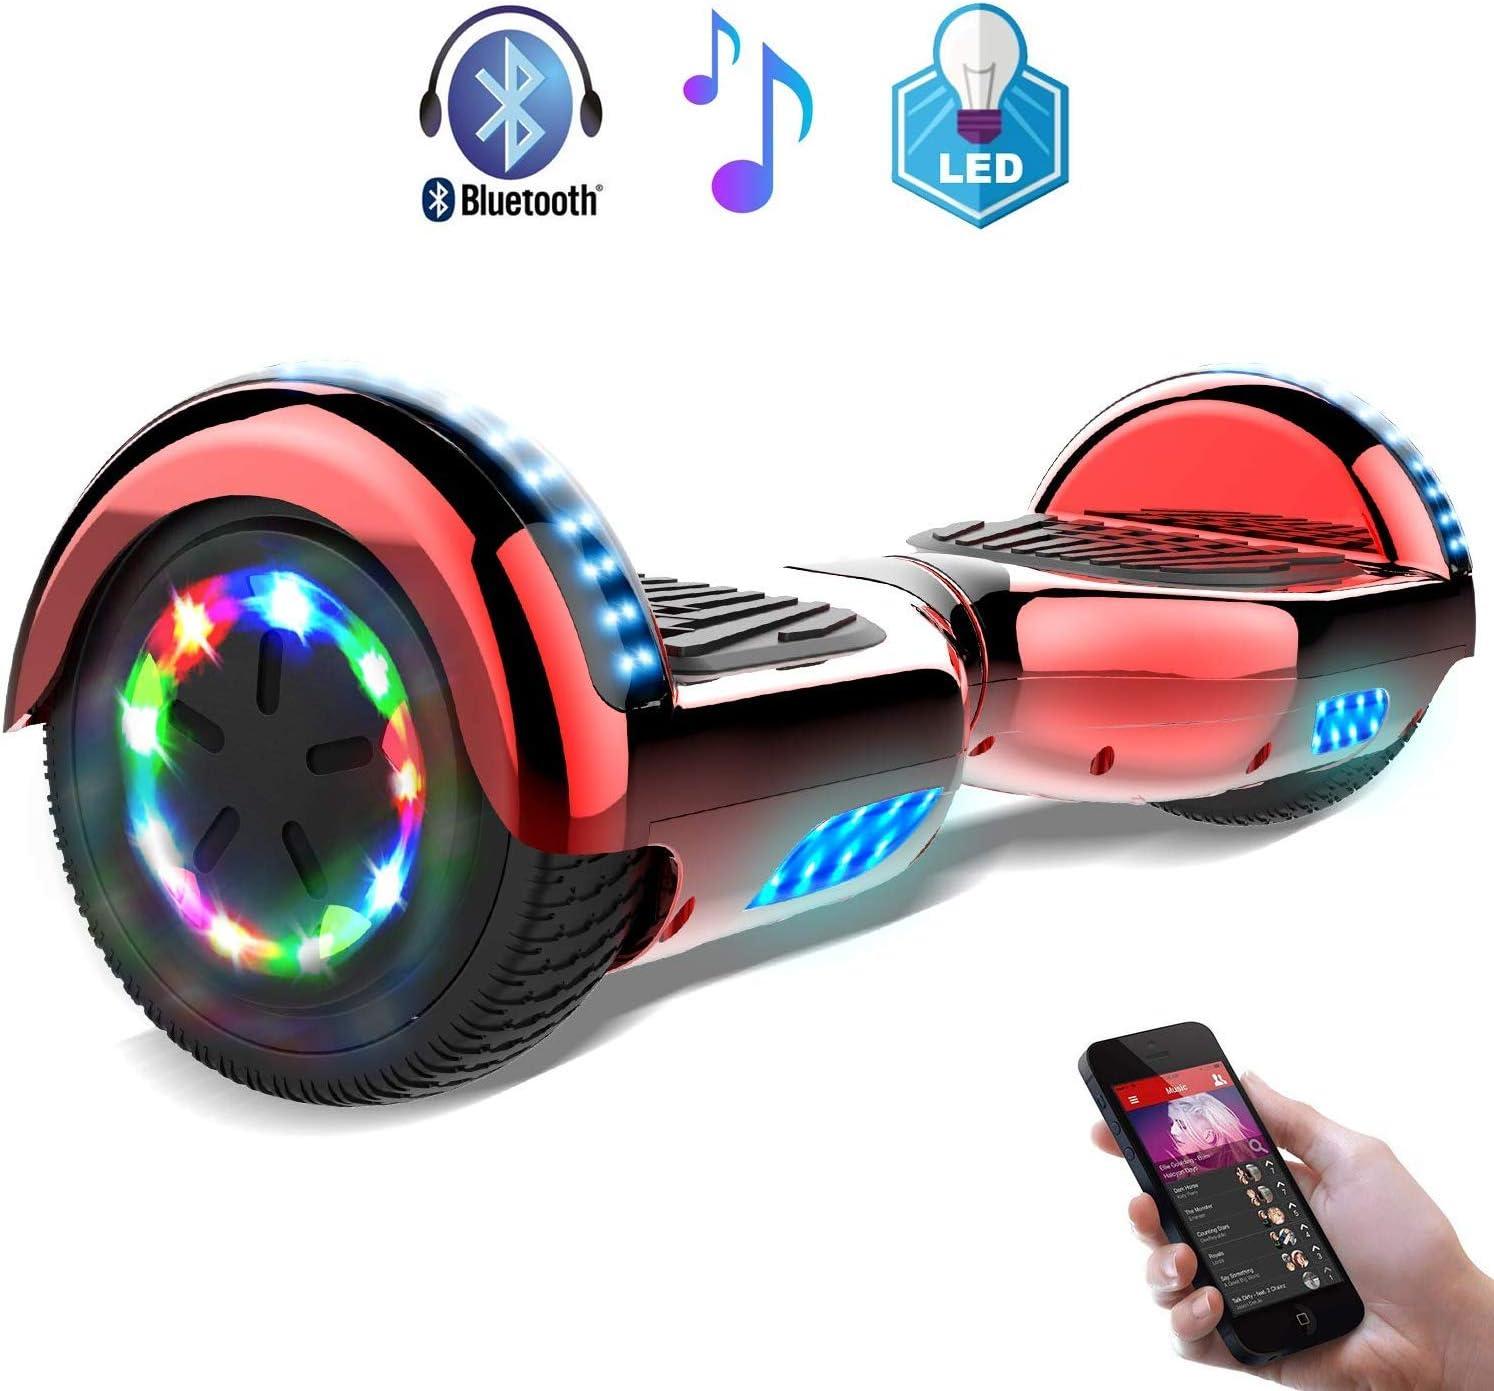 RCB Hoverboard Gyropode /électrique Hoverboard Auto-Equilibr/é Scooter Electrique 6,5 Pouces avec LED Hoverkart Accesoires pour Gyropode Cadeau pour Enfants et Ados